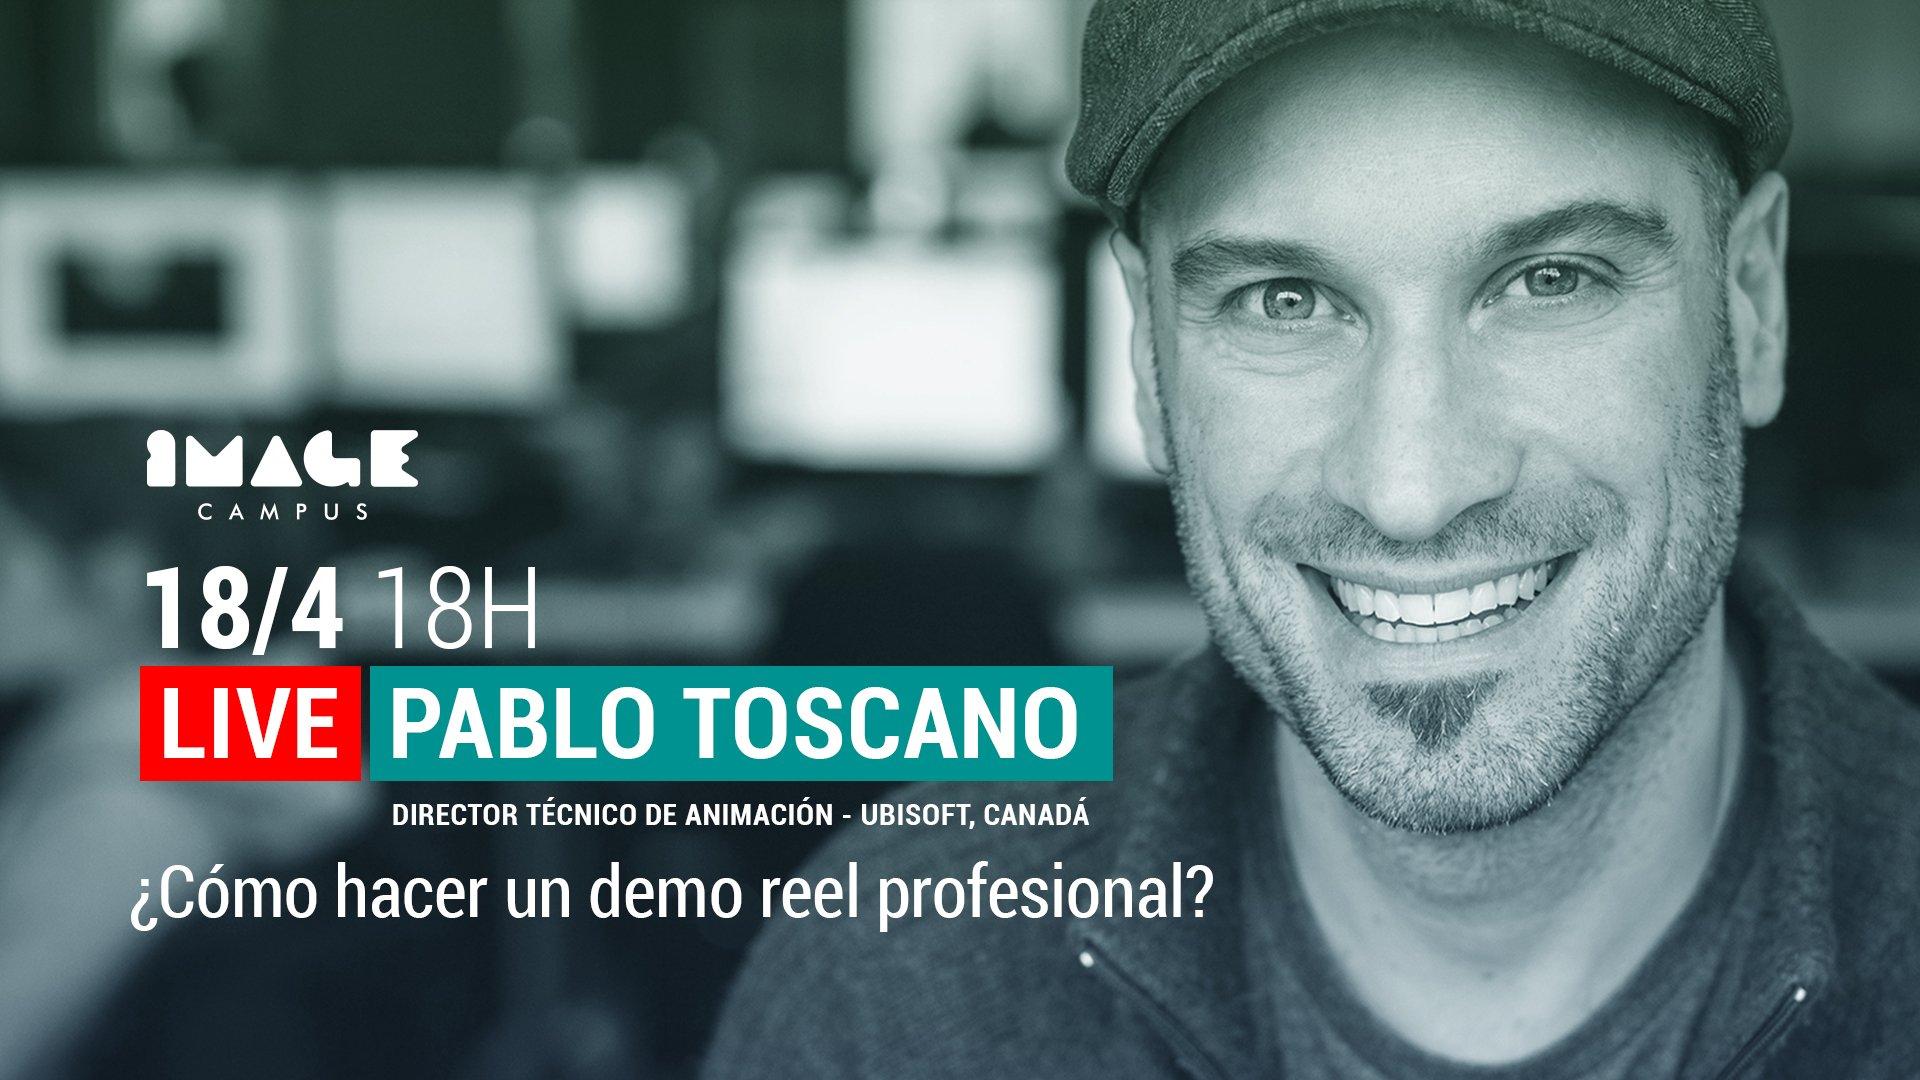 Streaming en direct avec Pablo Toscano - Comment faire une démo de bobine professionnelle?